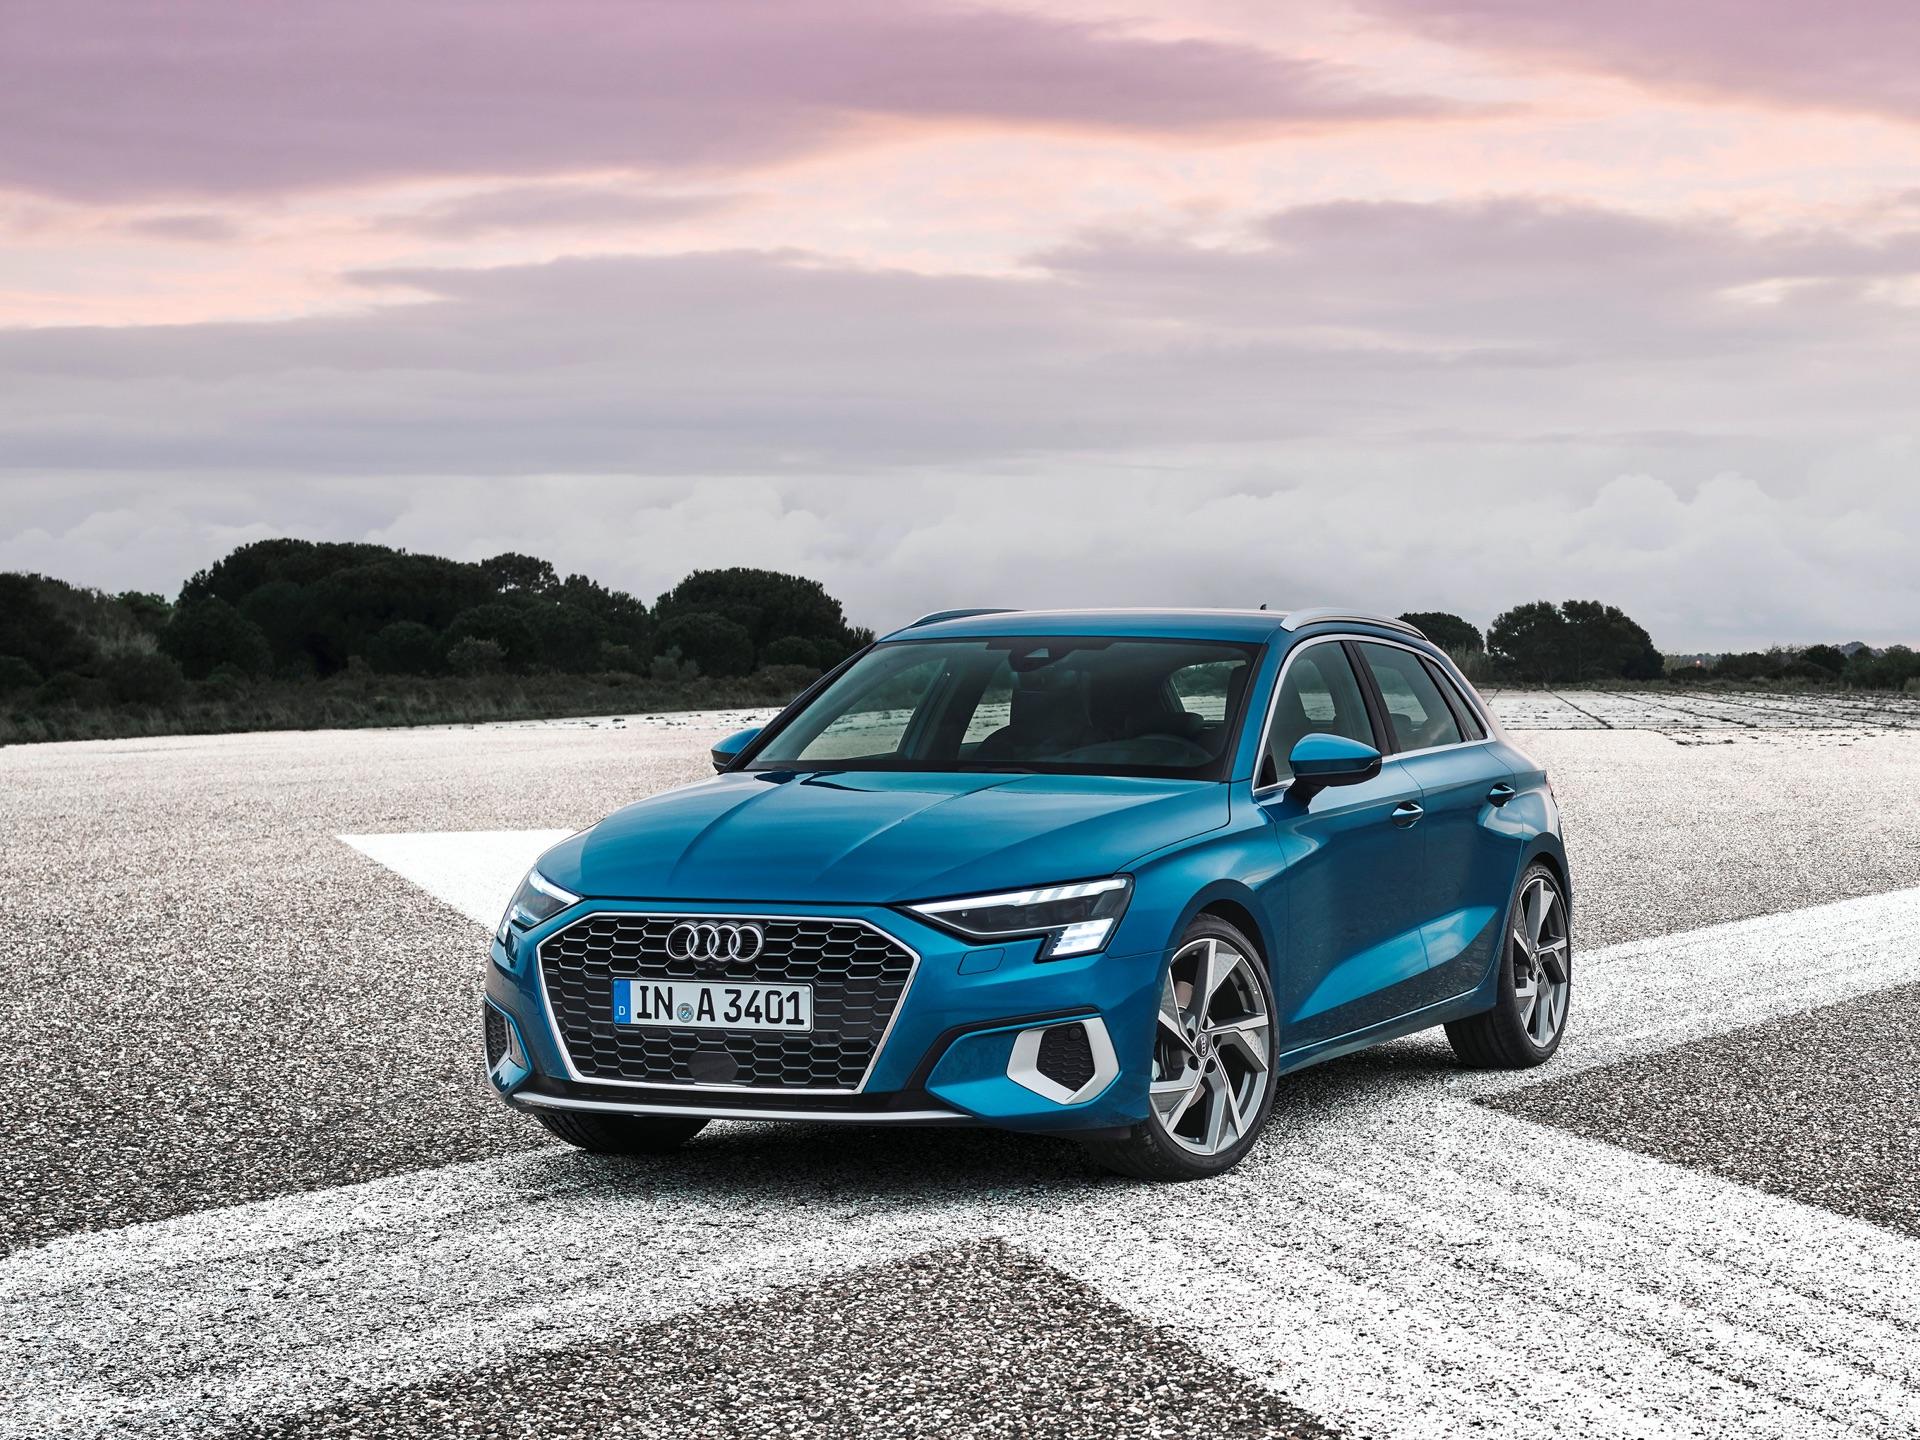 Kekurangan Audi M3 Top Model Tahun Ini